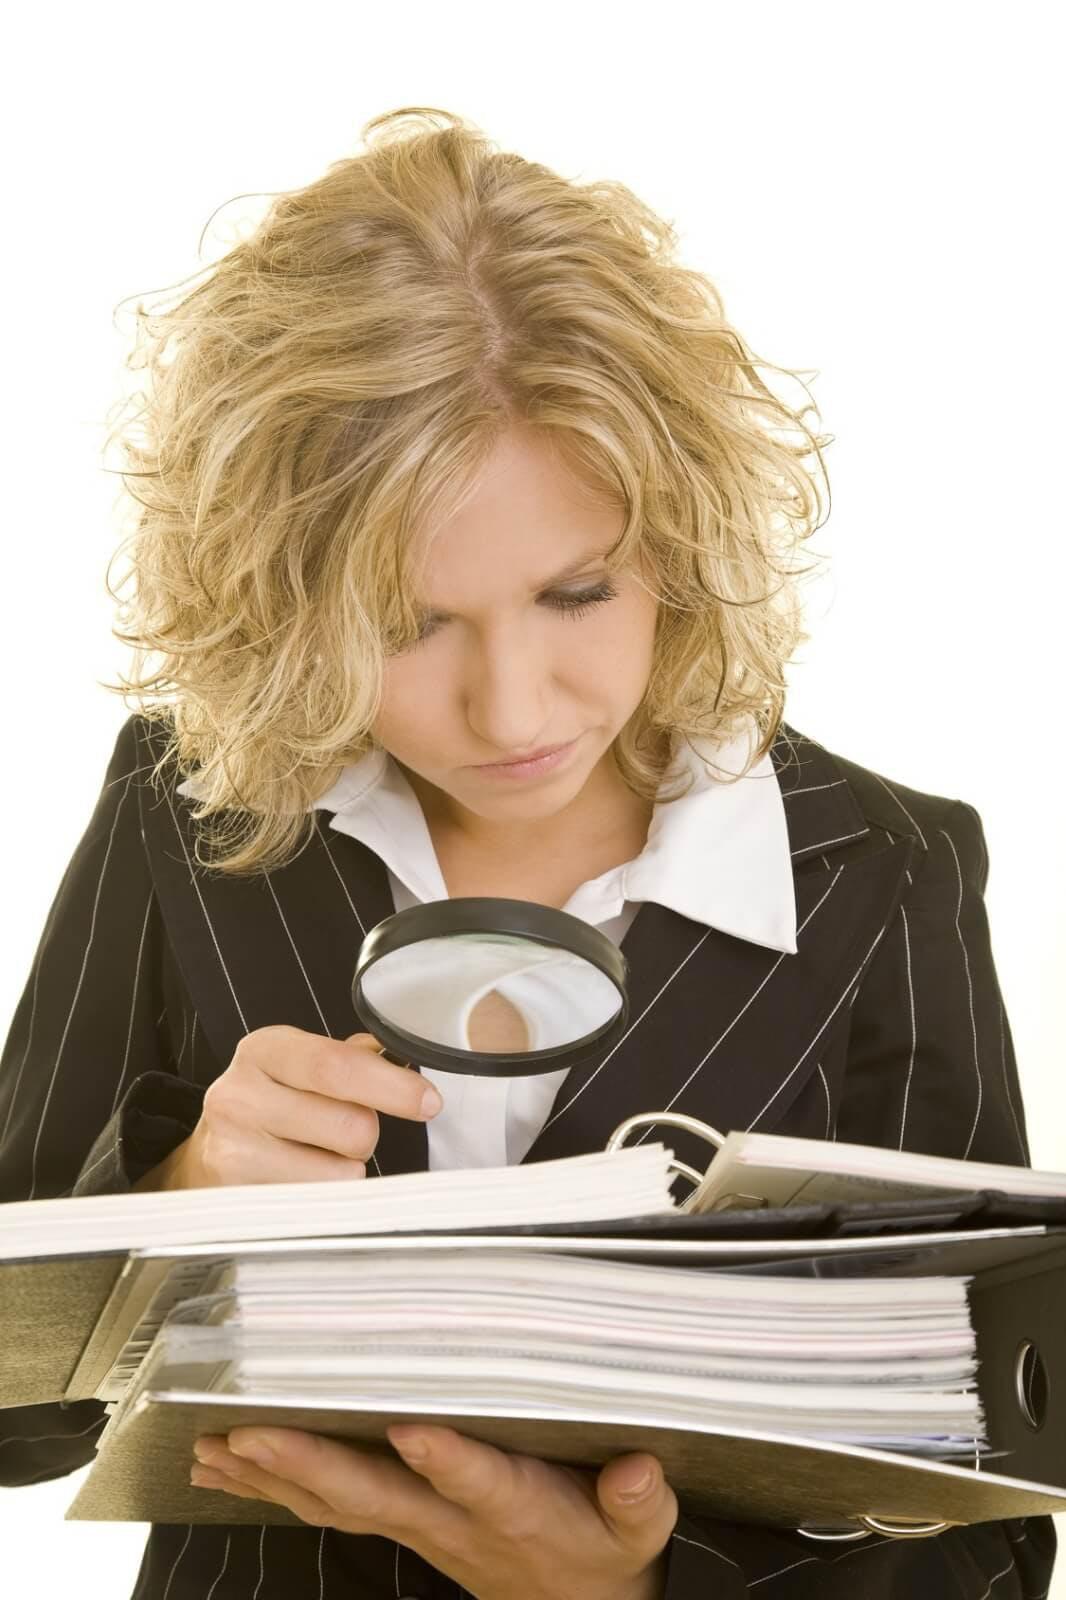 Bei Fehler im Steuerbescheid Einspruch beim Finanzamt ...